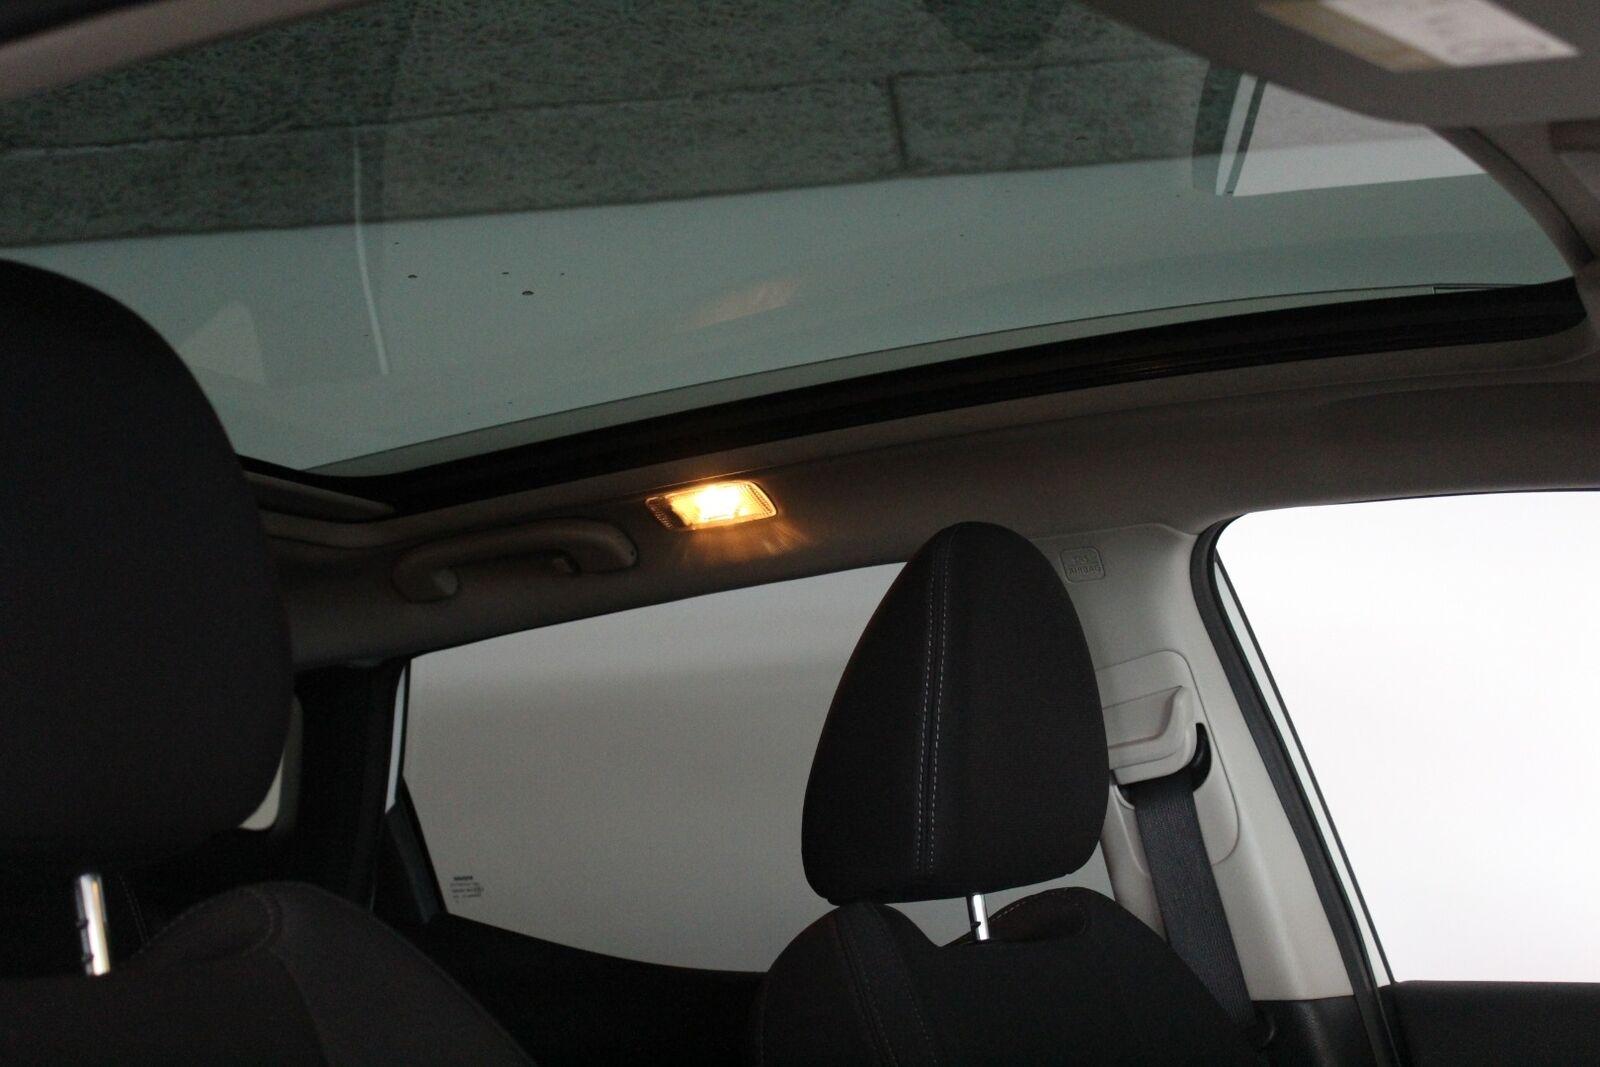 Nissan Qashqai 1,2 Dig-T 115 N-Connecta Vision